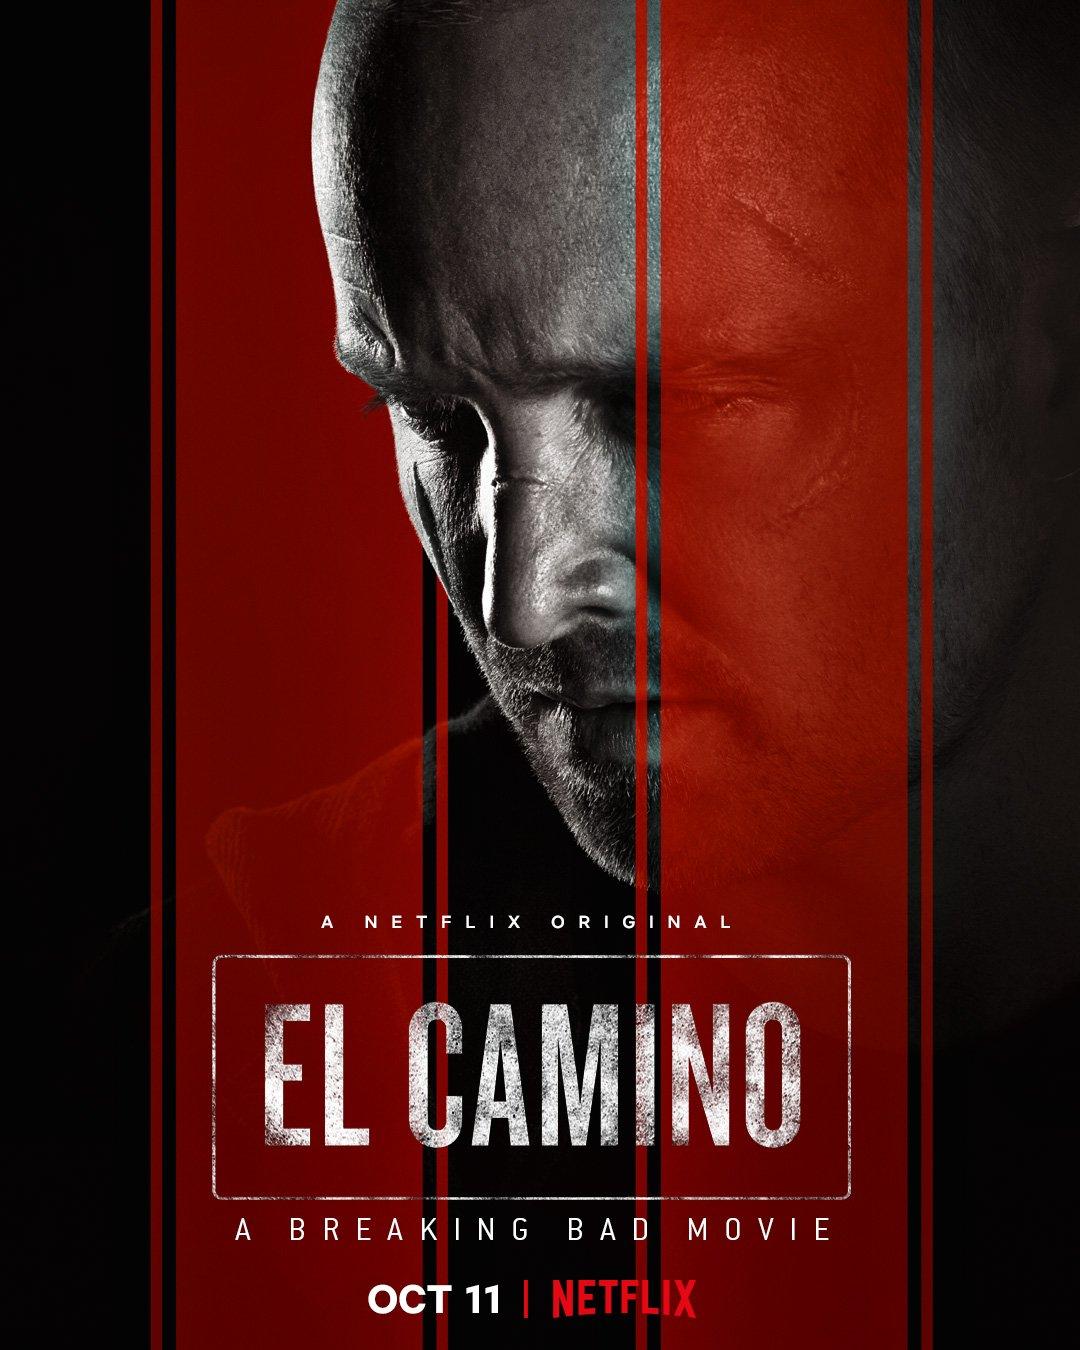 Resultado de imagem para el camino a breaking bad movie poster